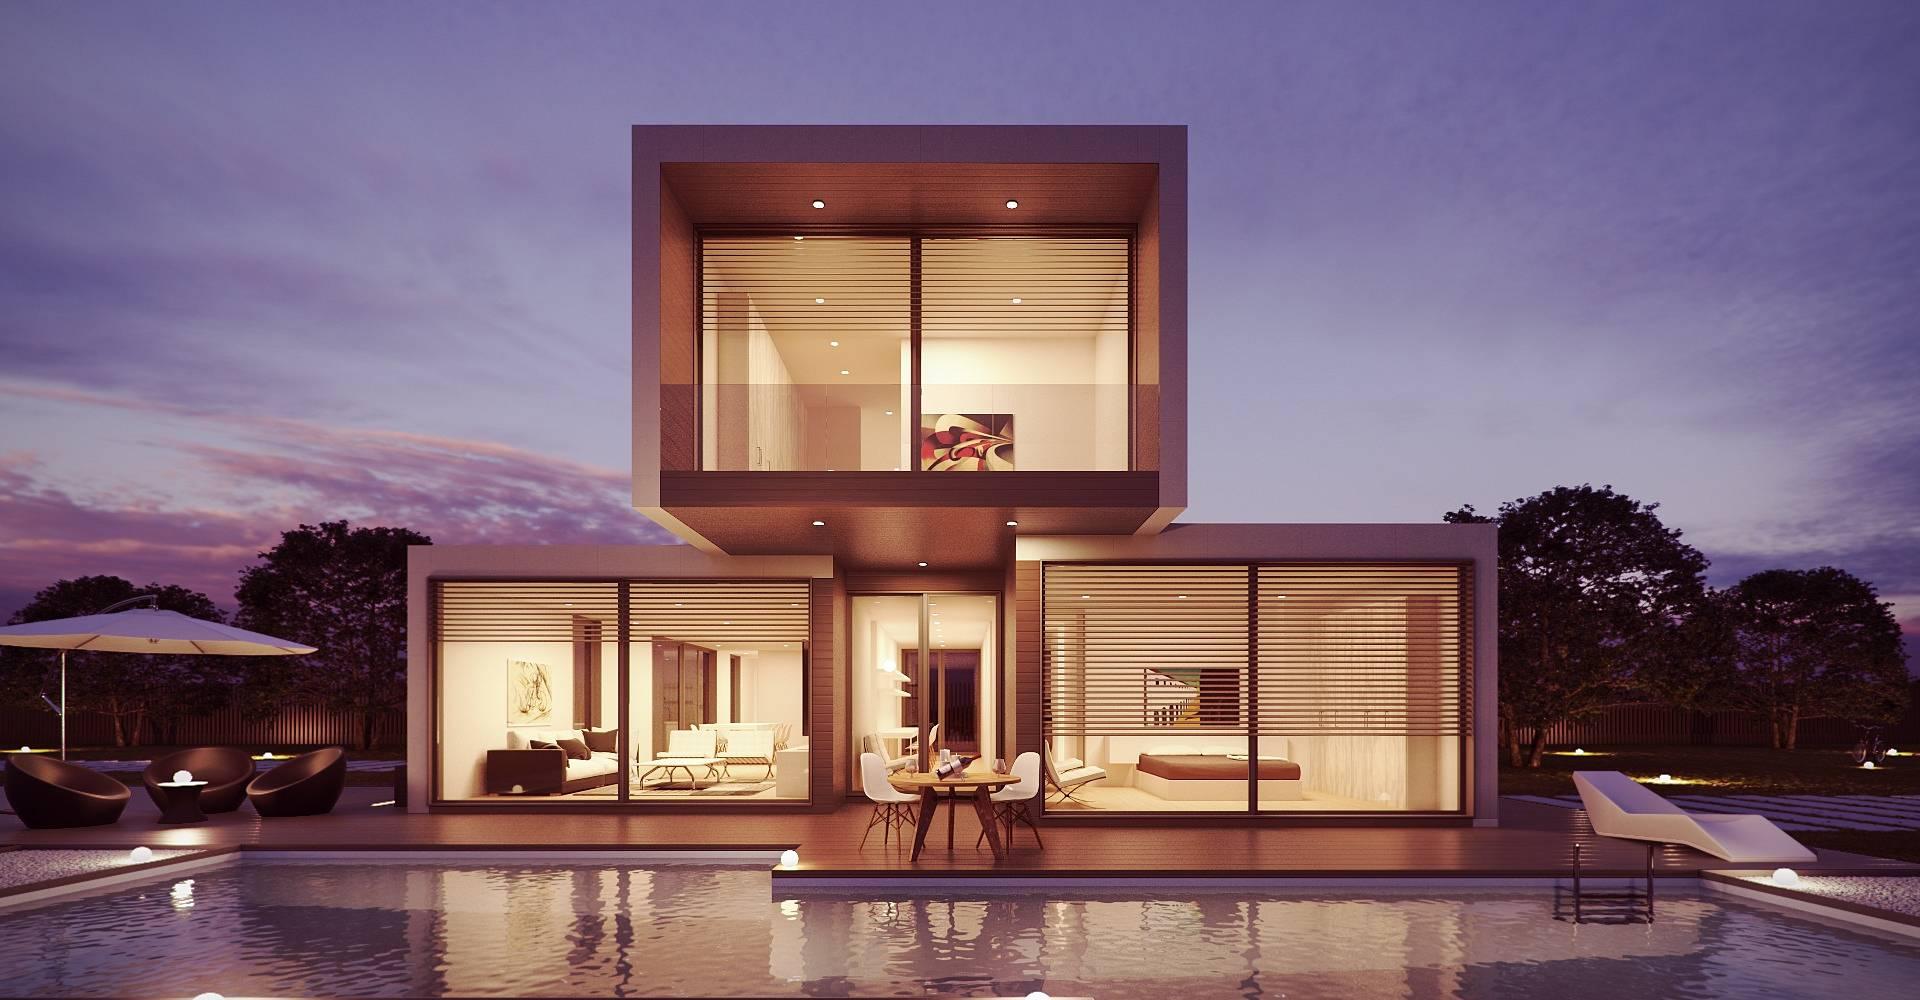 Compra o vendi proprietà con REMAX